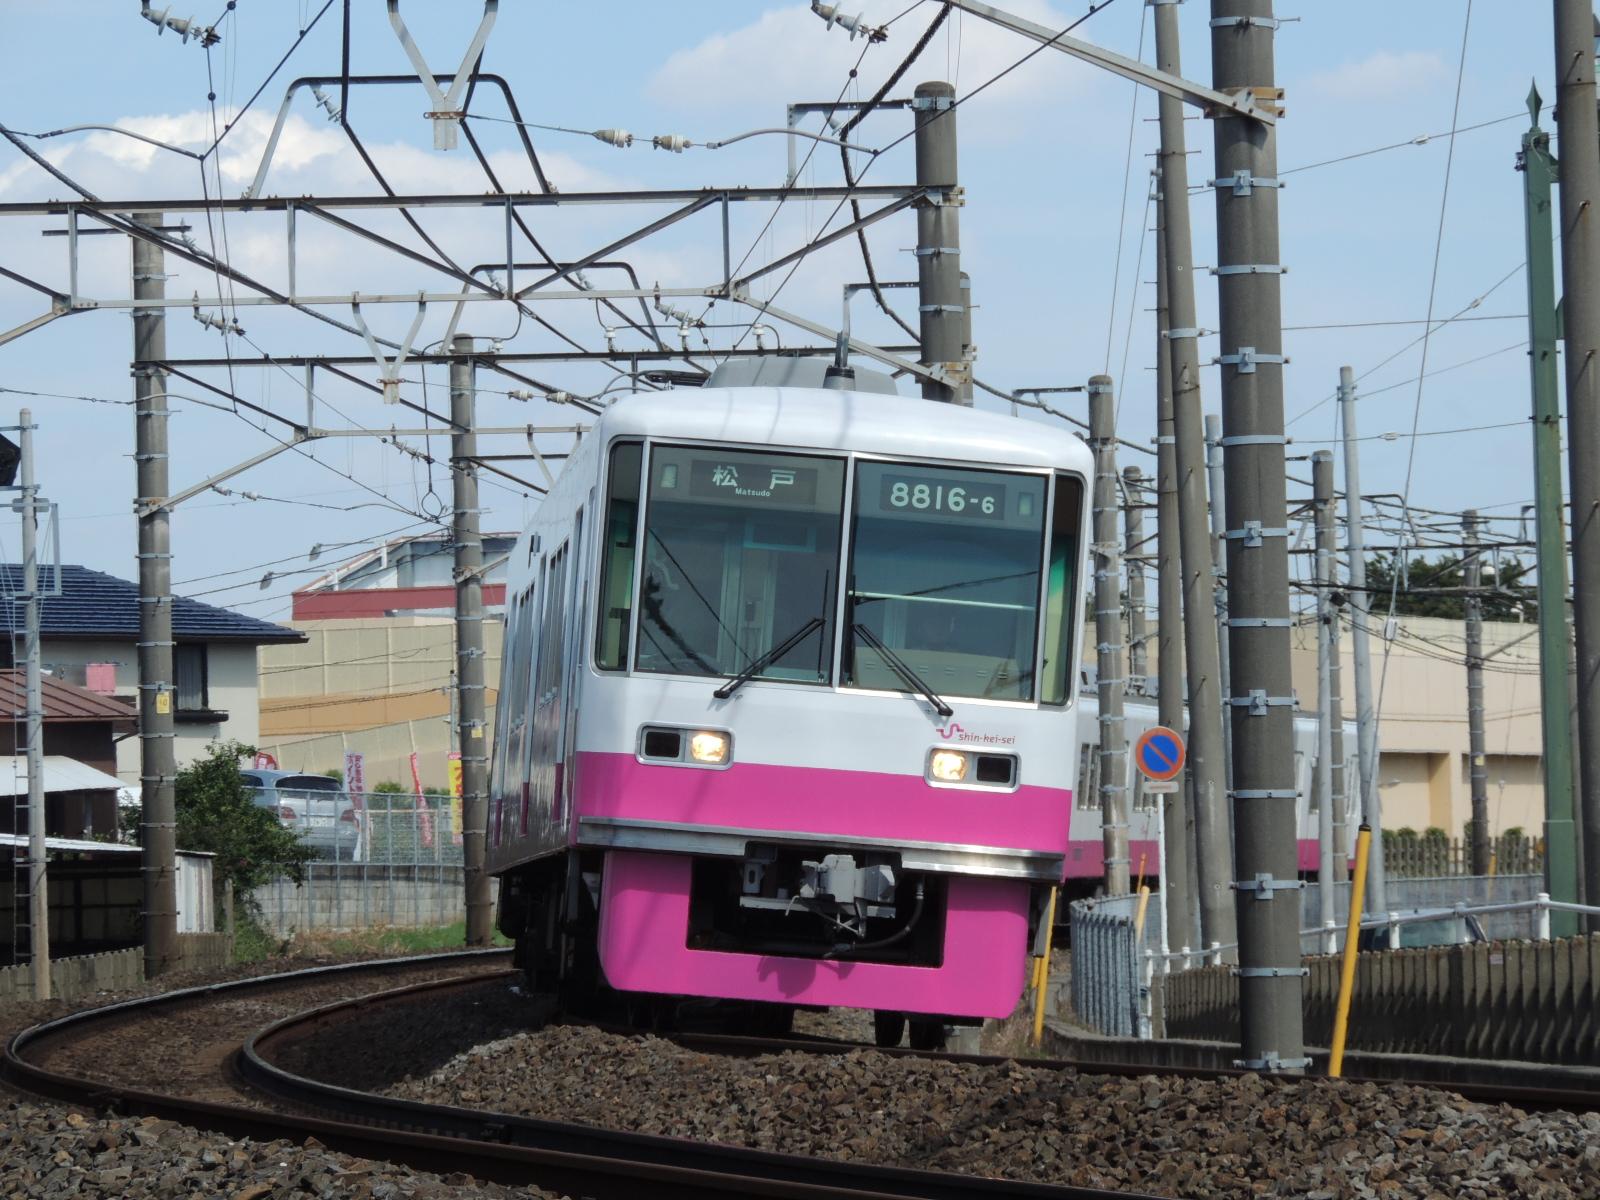 DSCN9820.jpg